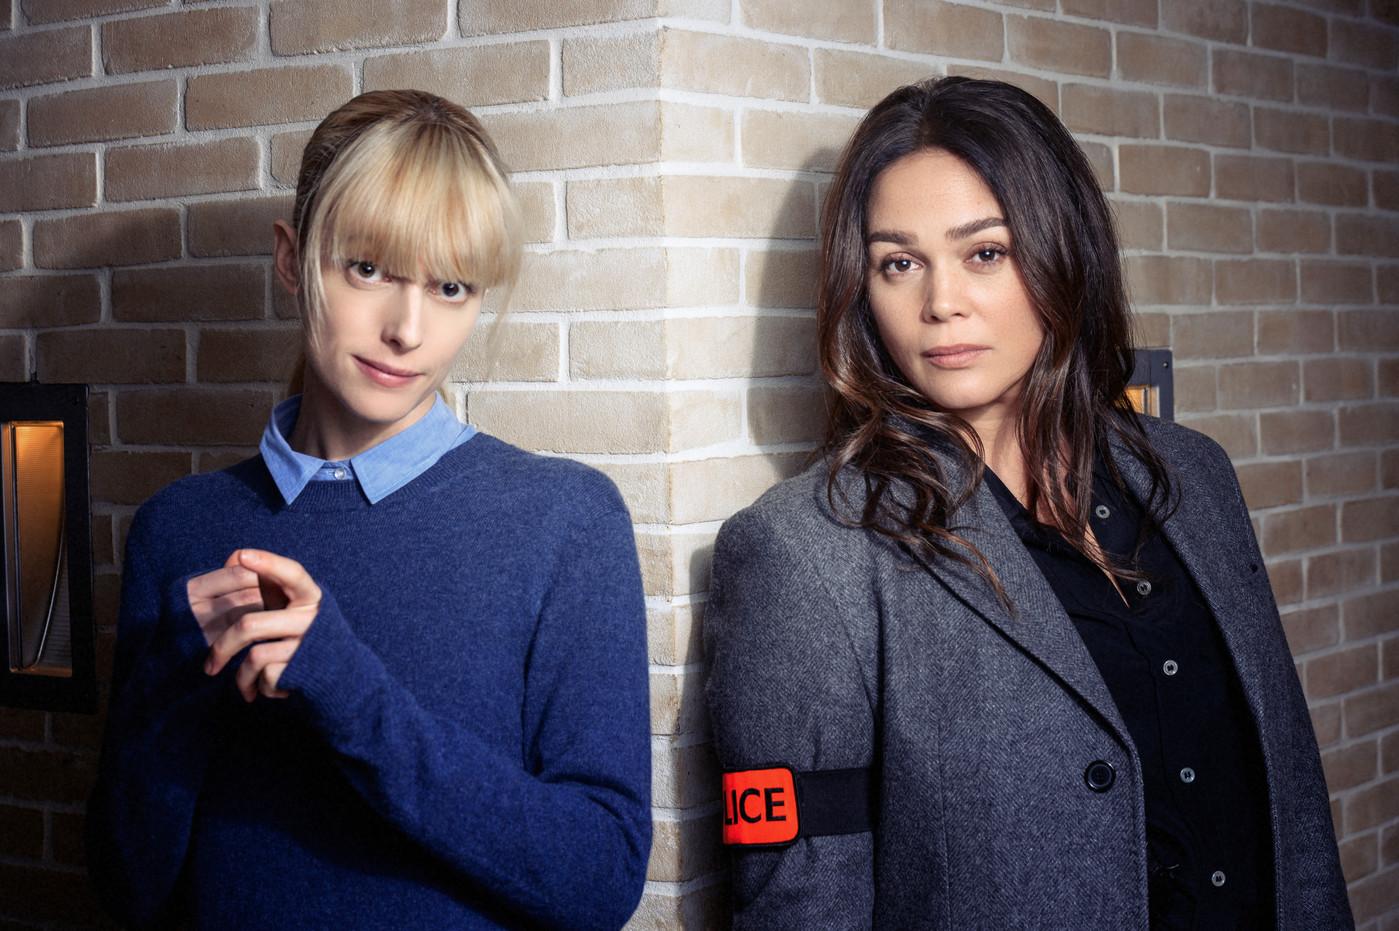 Astrid et Raphaelle Un legame con il passato